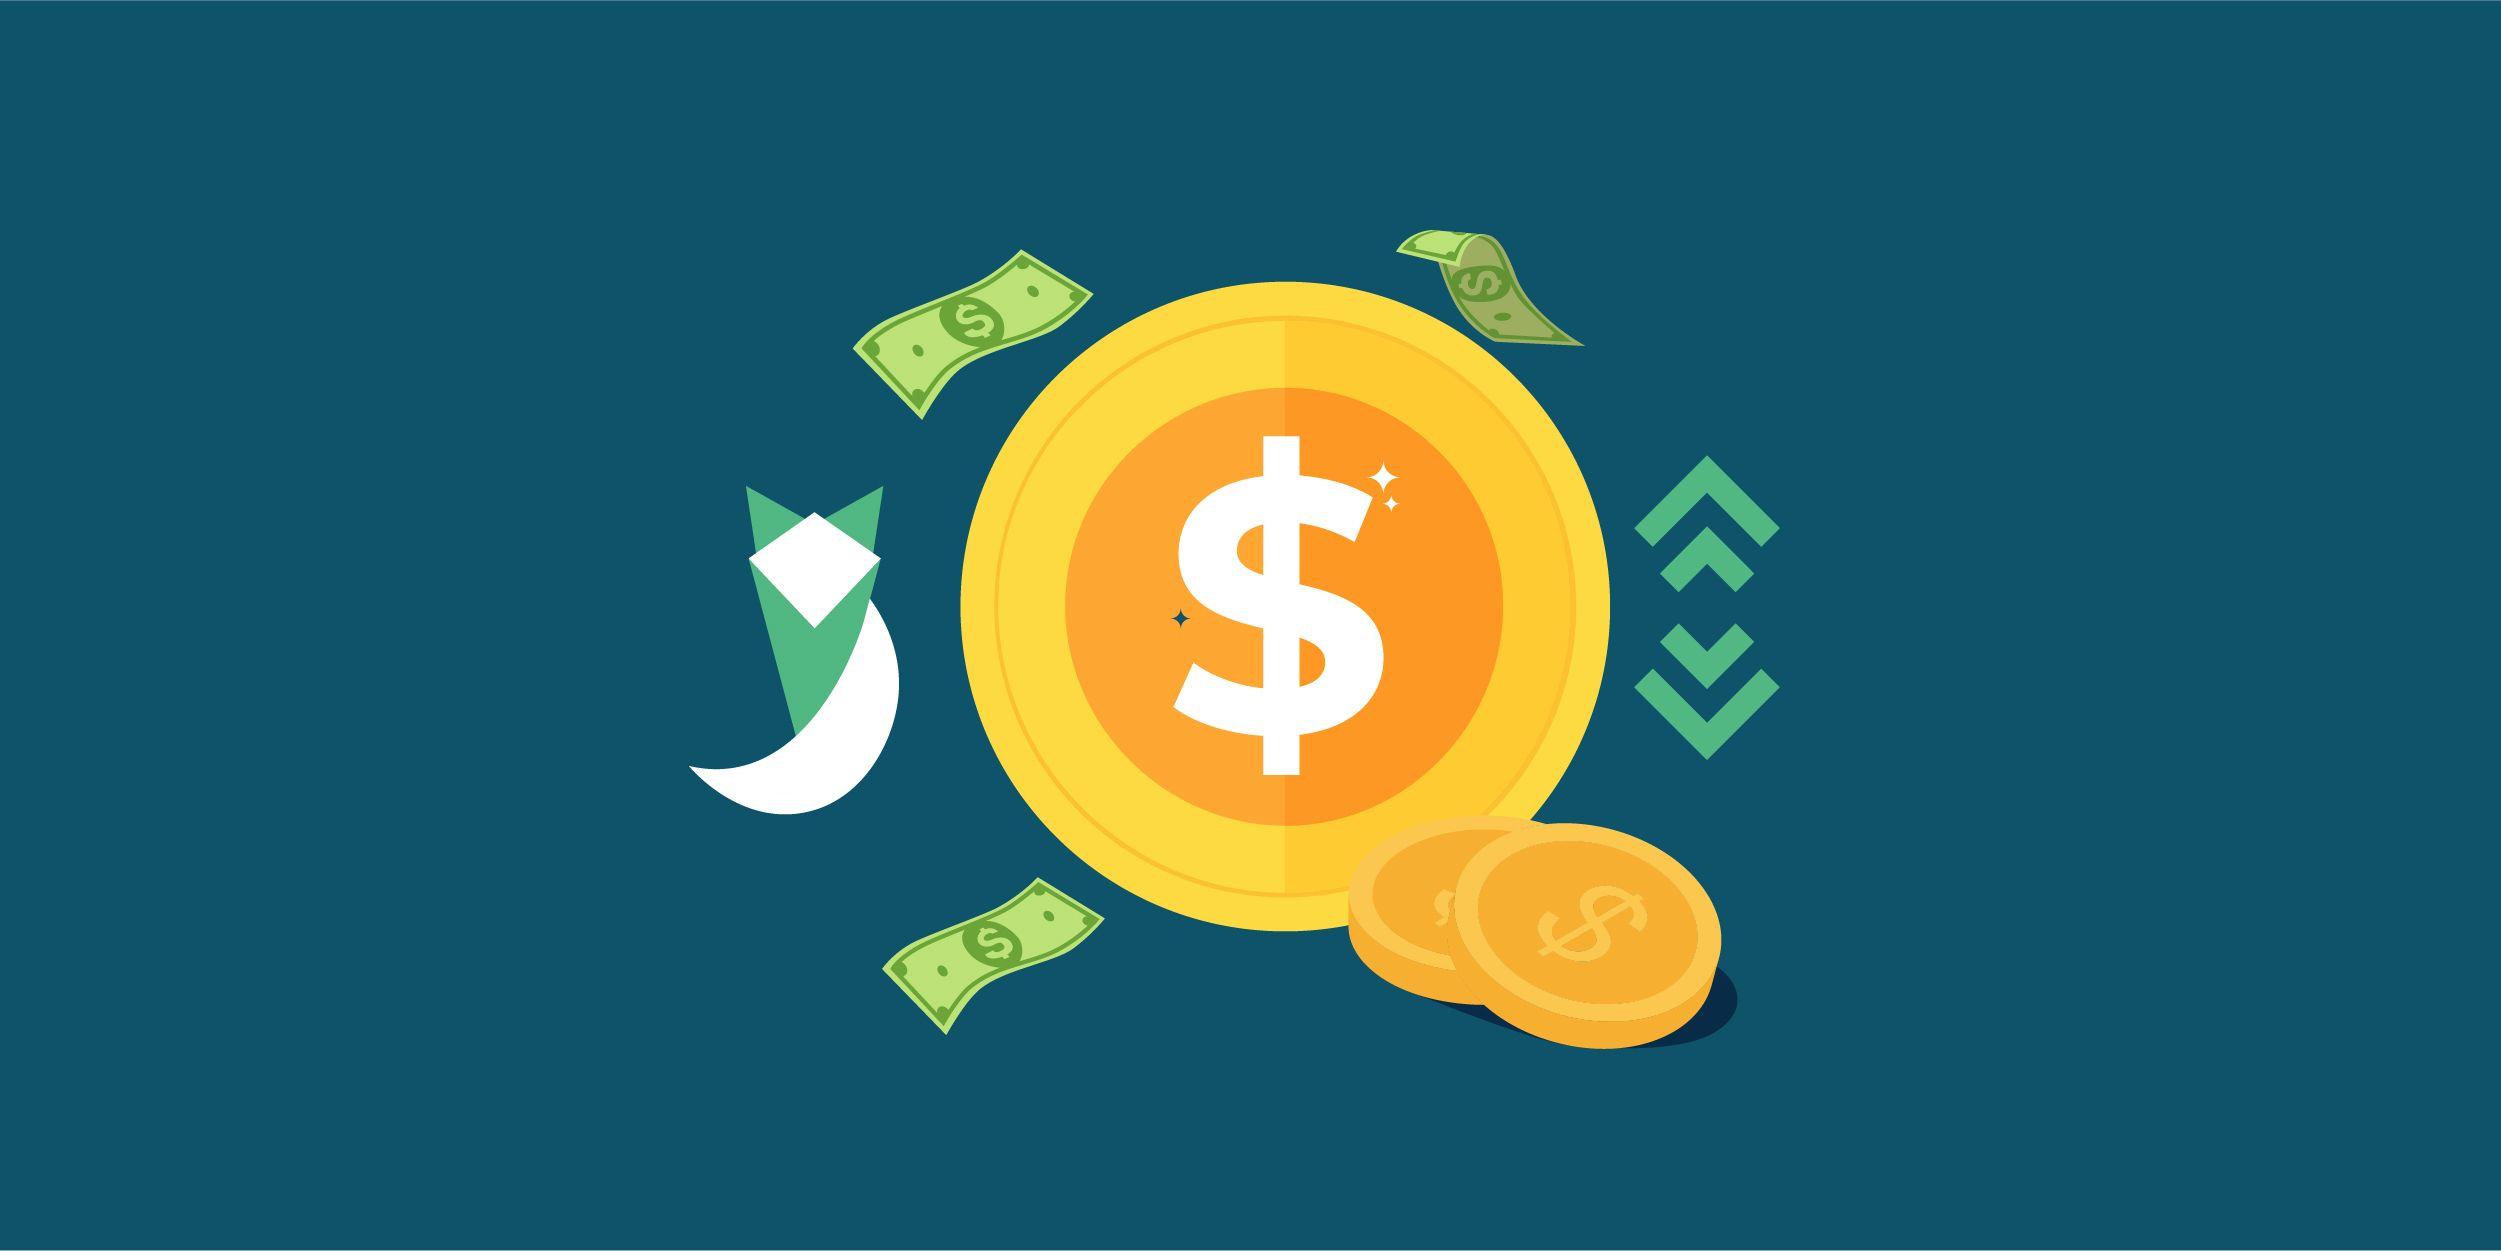 سعر الدولار اليوم فى البنوك المصرية اليوم 30 أغسطس 2021